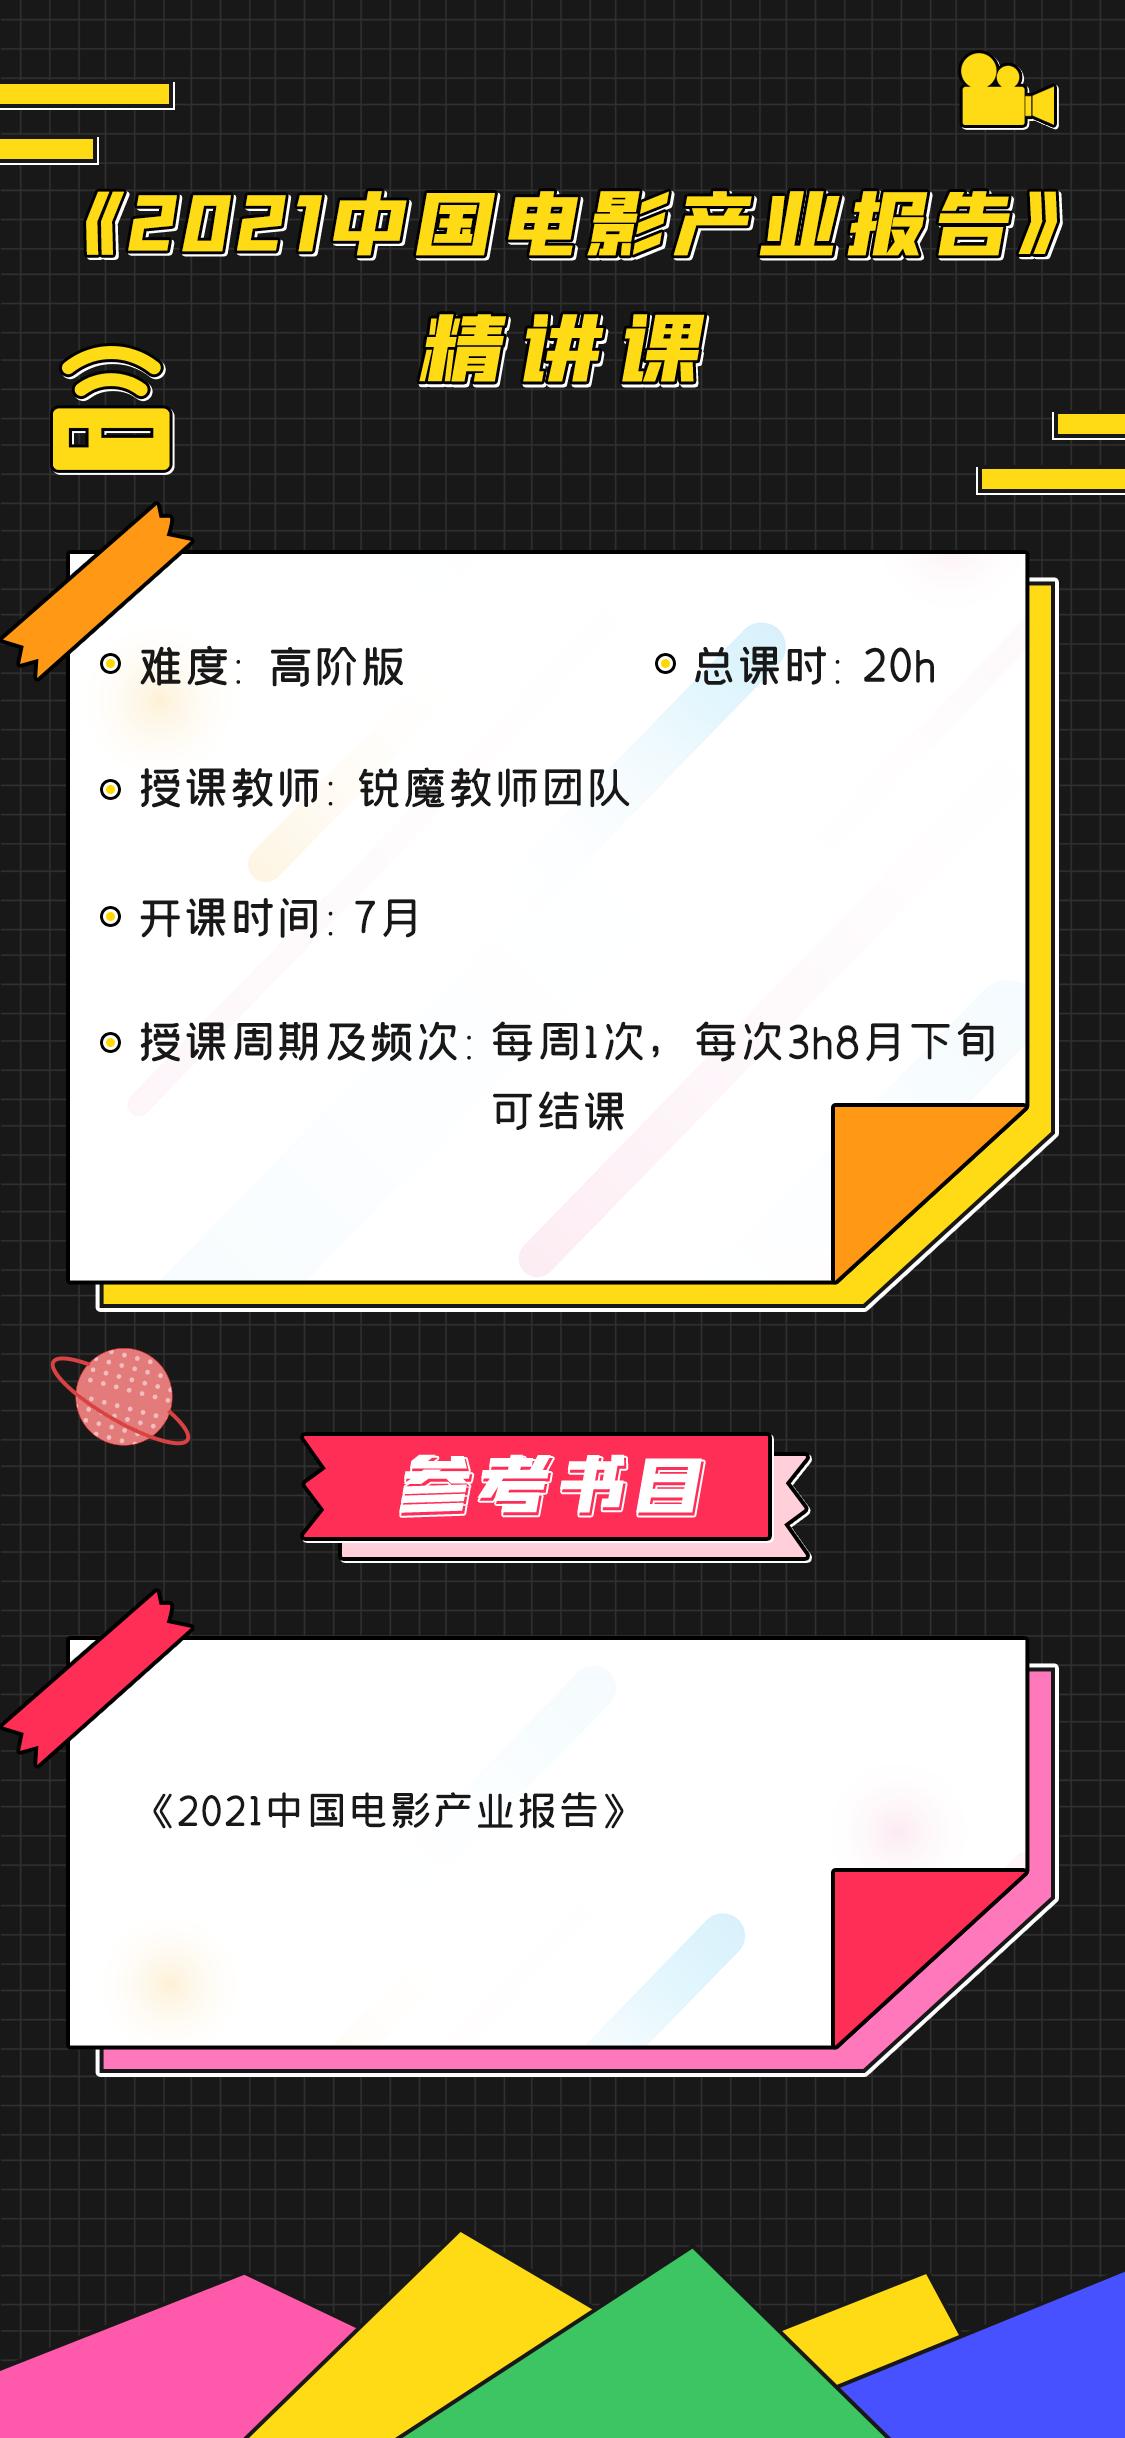 《2021中国电影产业报告》精讲课.png